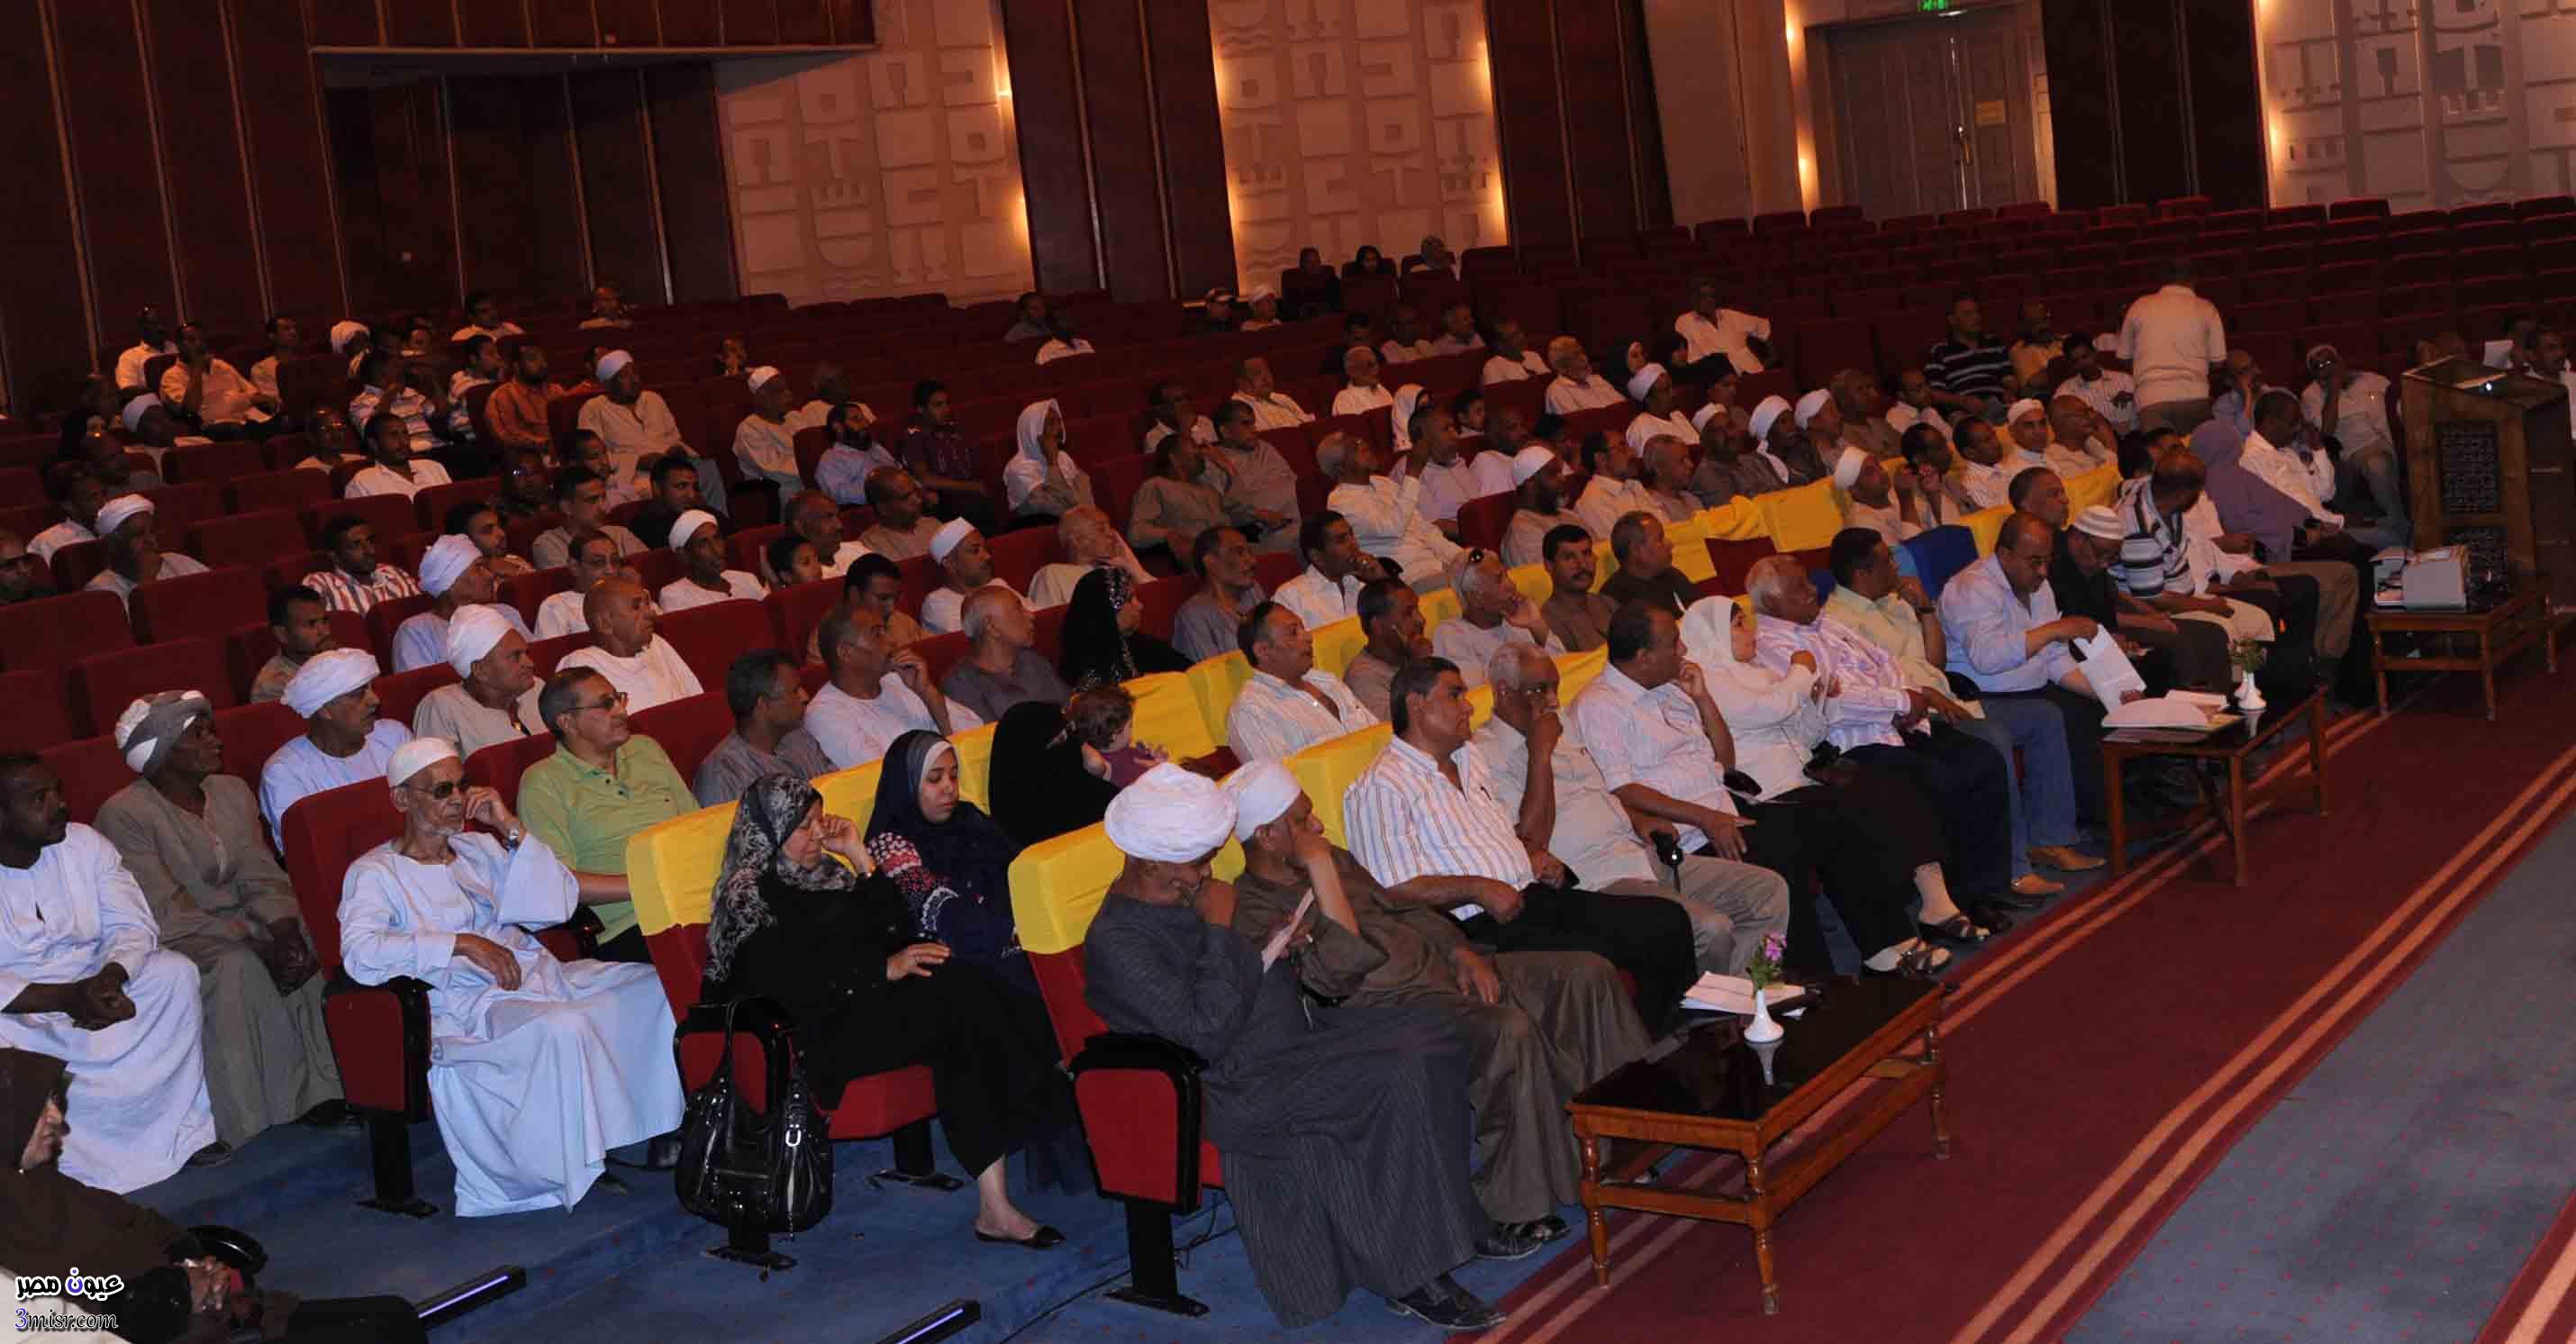 نتيجة قرعة حج الجمعيات الاهلية 2016 وزارة التضامن الاجتماعي